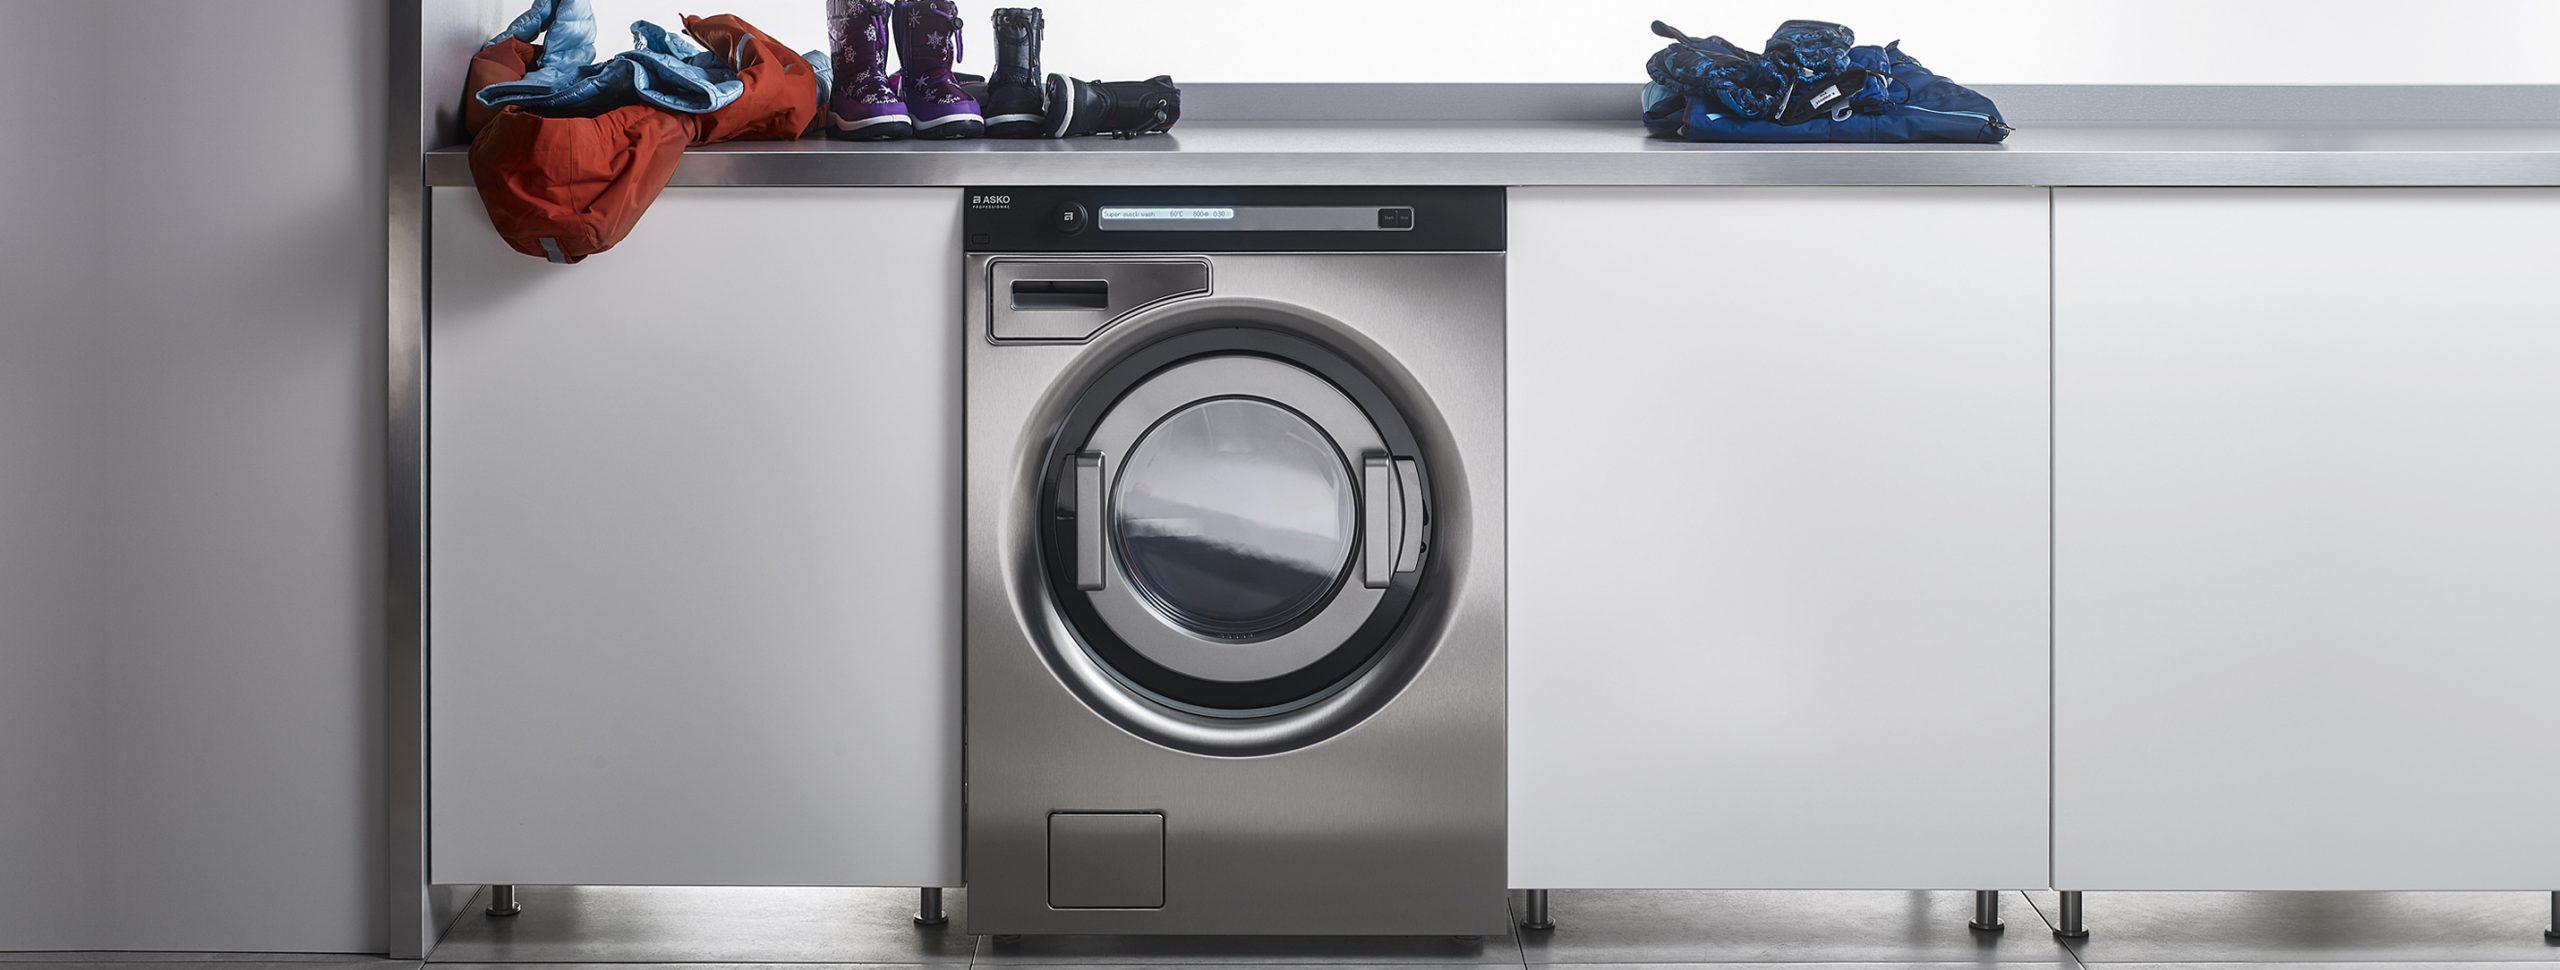 Photo of washing machine